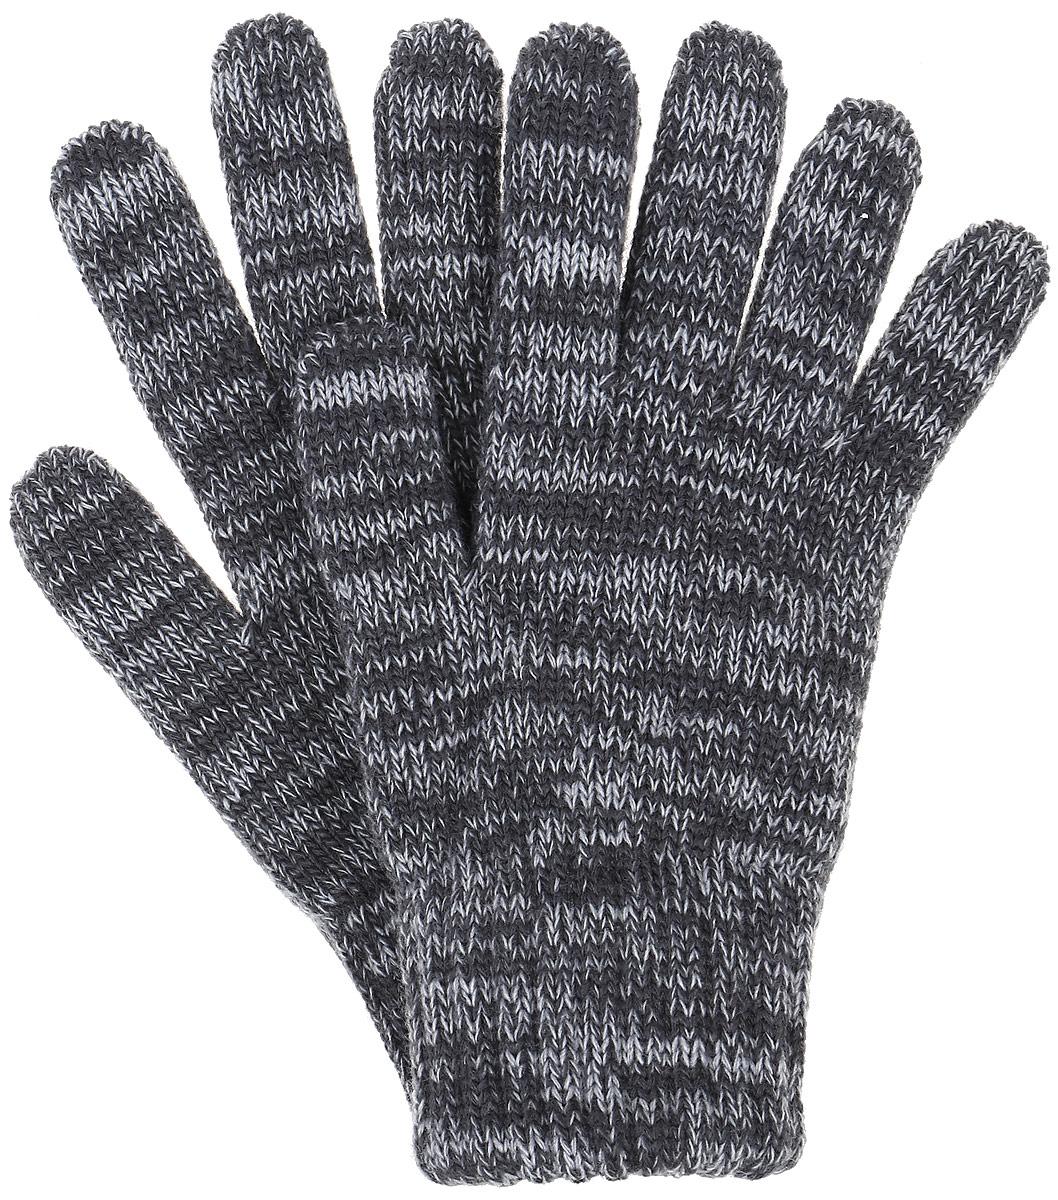 P762-22Перчатки Margot Bis выполнены из акрила с добавлением теплой шерсти. Изделие оформлено оригинальным вязаным рисунком. Перчатки очень мягкие и приятные на ощупь, не раздражают кожу и хорошо сохраняют тепло. Верх модели на мягкой резинке, которая не стягивает запястья и надежно фиксирует перчатки на руках.